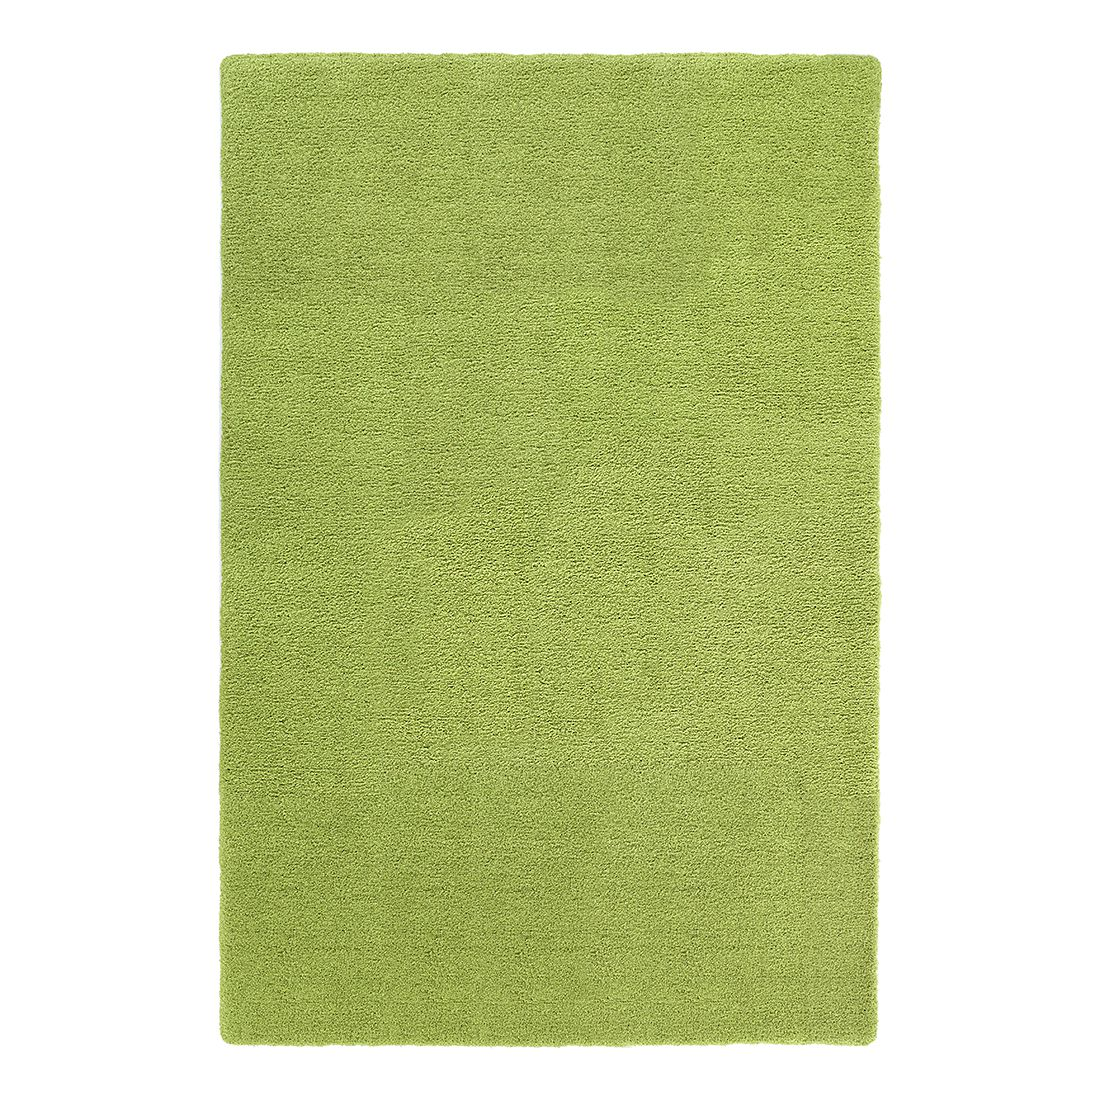 Teppich Livorno - Grün - 70 x 140 cm, Astra